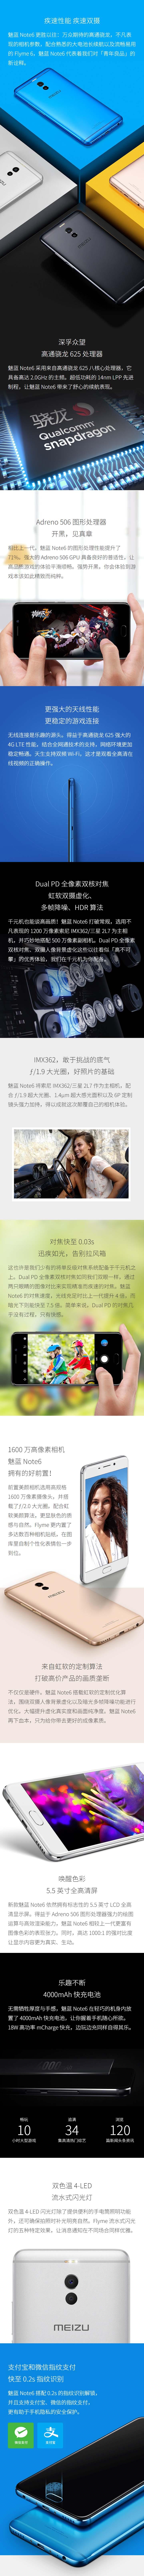 魅蓝Note6免费试用,评测